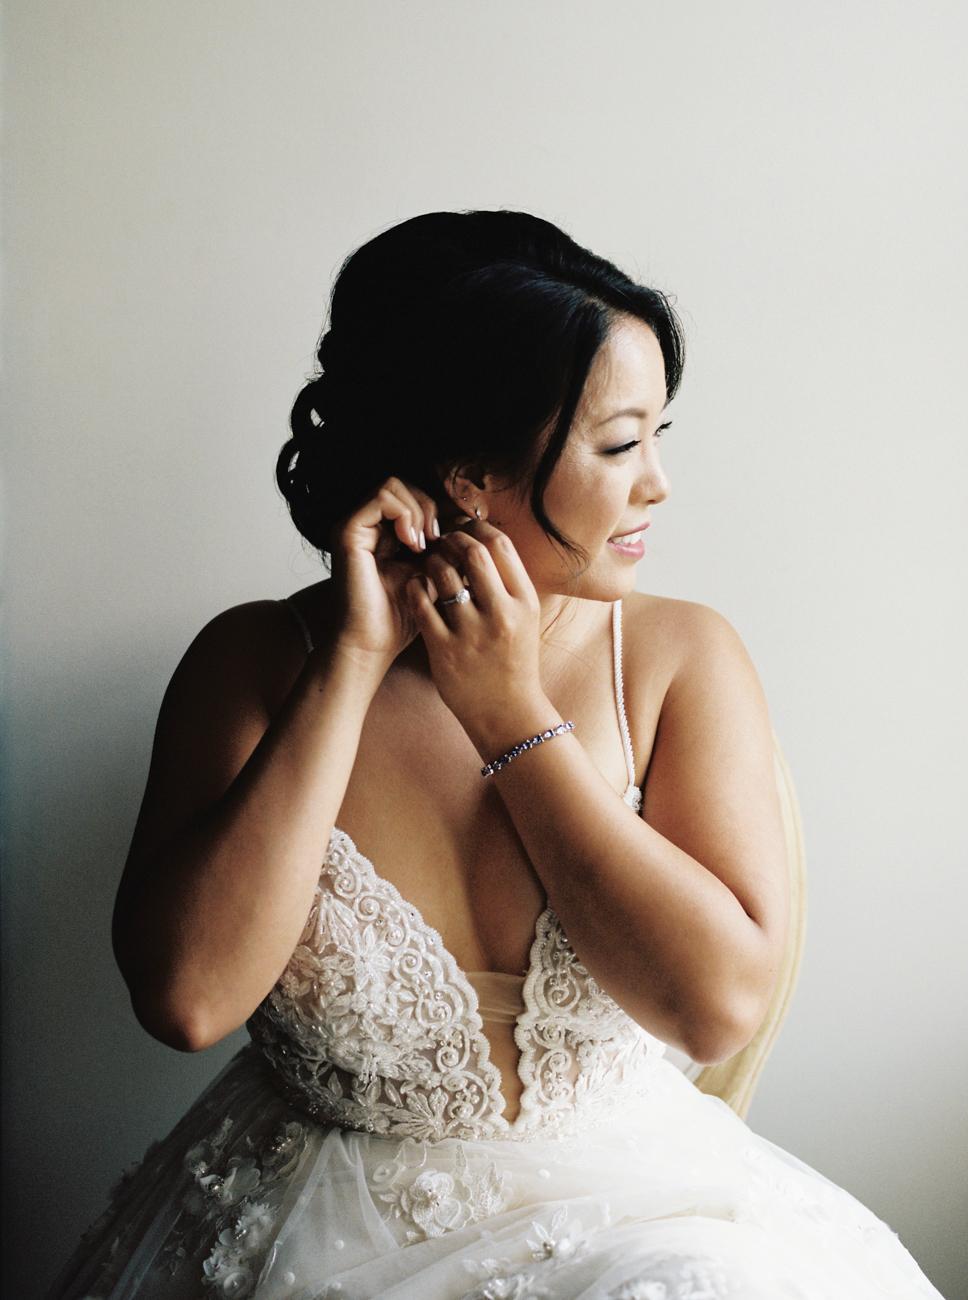 dennisroycoronel_theloftonpine_wedding-2.jpg